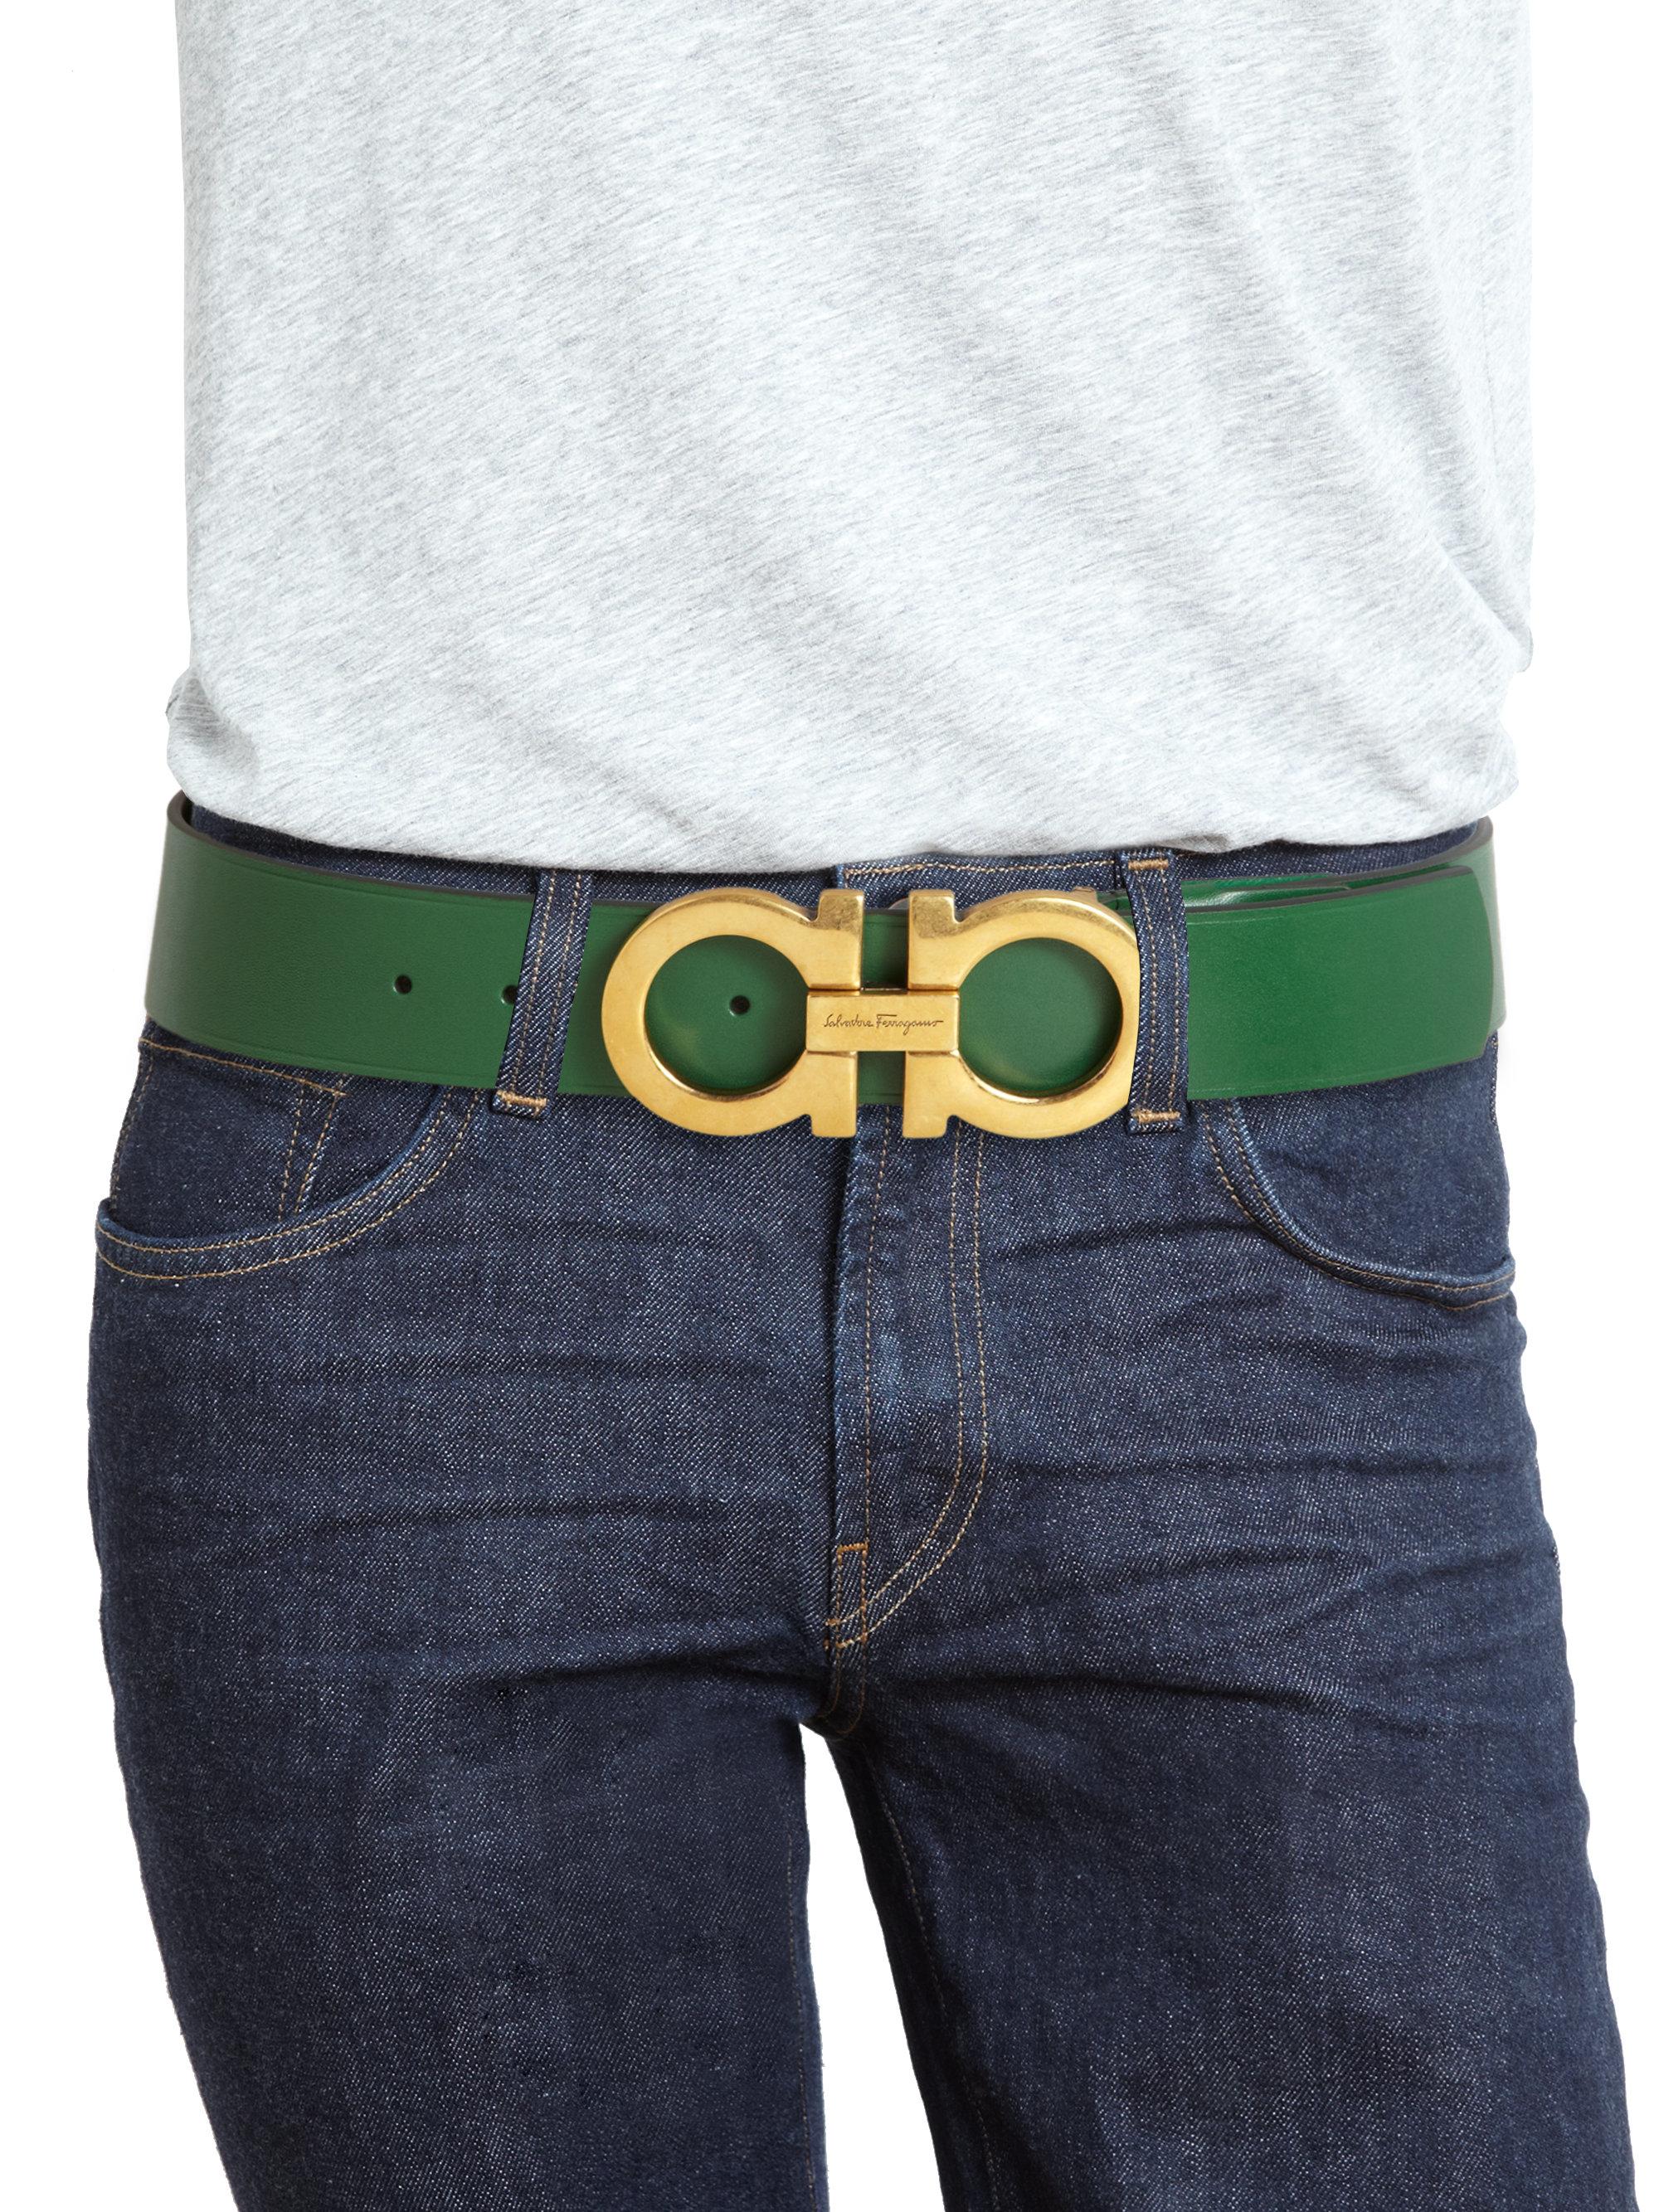 Lyst Ferragamo Gancini Leather Belt In Green For Men